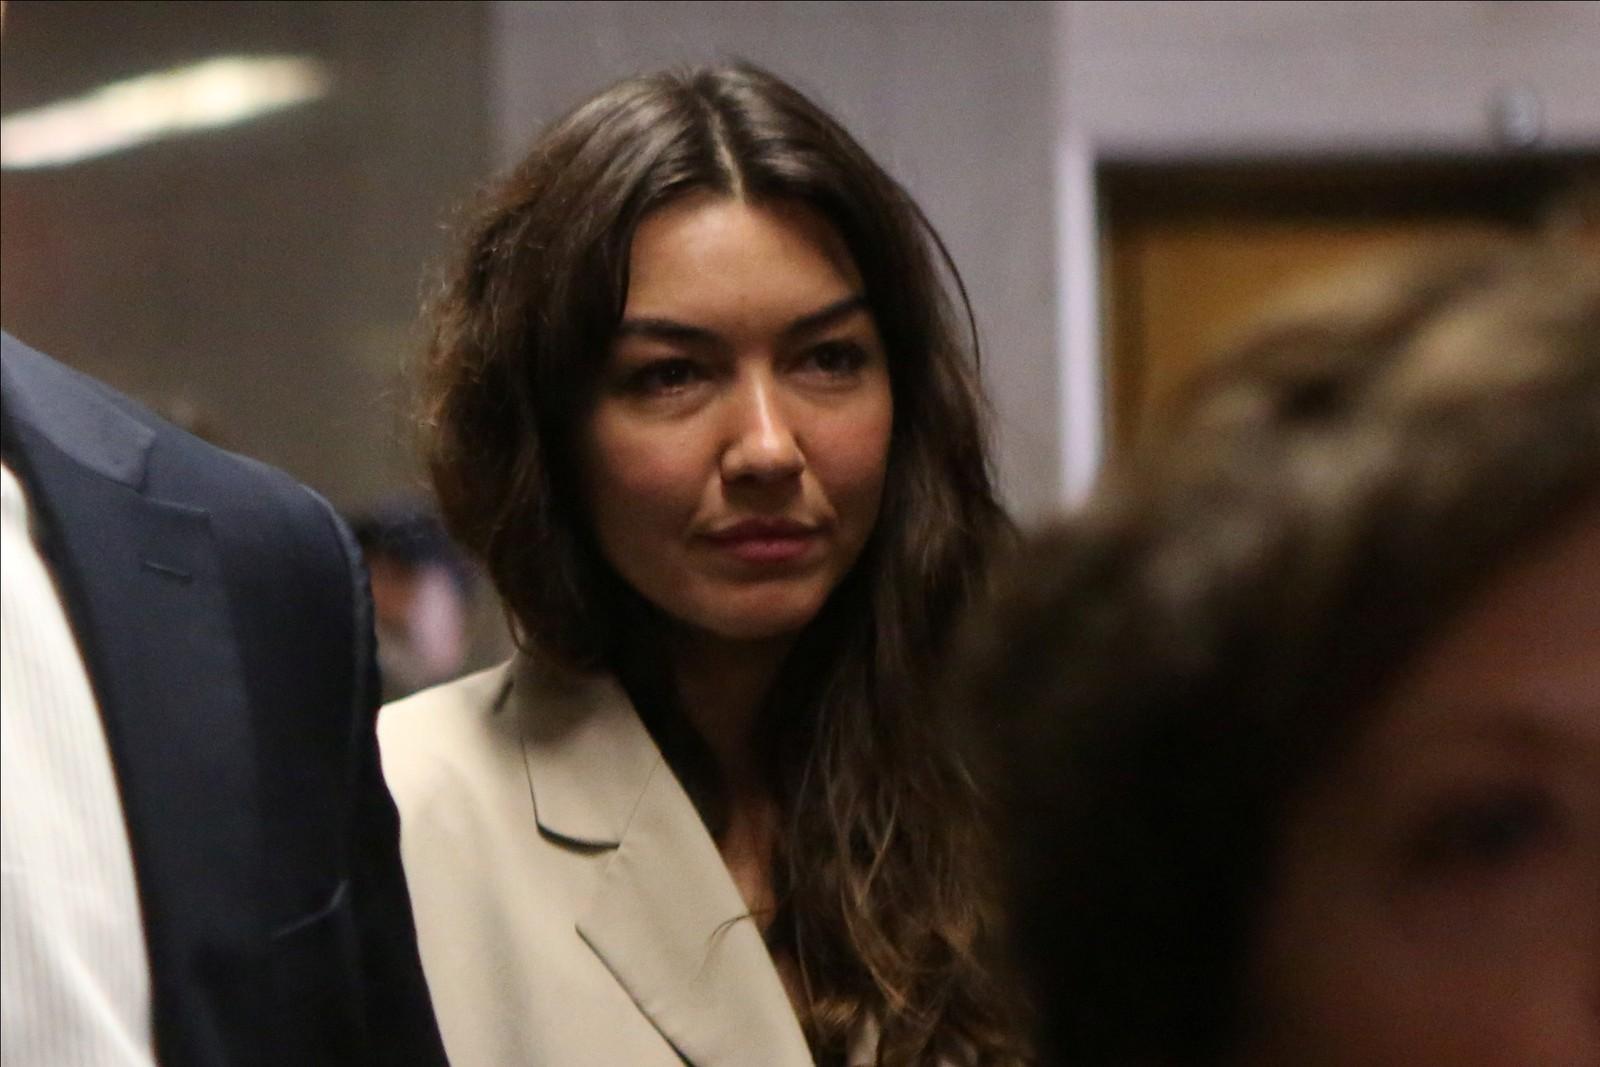 Mimi Haleyi , uma das vítimas de Harvey Weinstein, no dia em que prestou depoimento, 17 de janeiro de 2020 — Foto: Gabriela Bhaskar/Reuters